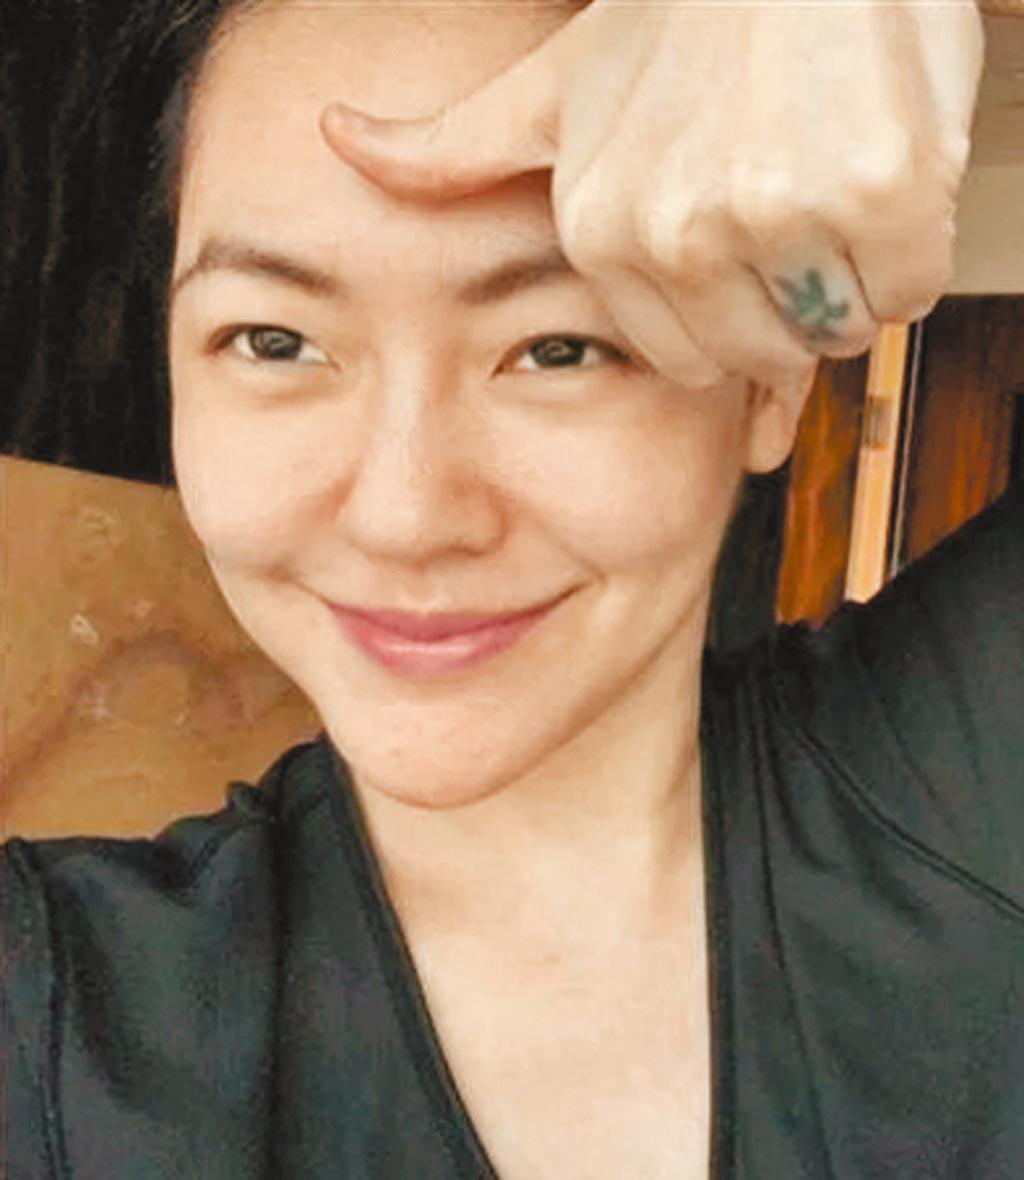 藝人徐熙娣(小S)在個人IG上留言表示「要請全部國手來家裡吃飯」,遭大陸網民認定是台獨言論。(摘自小S IG)